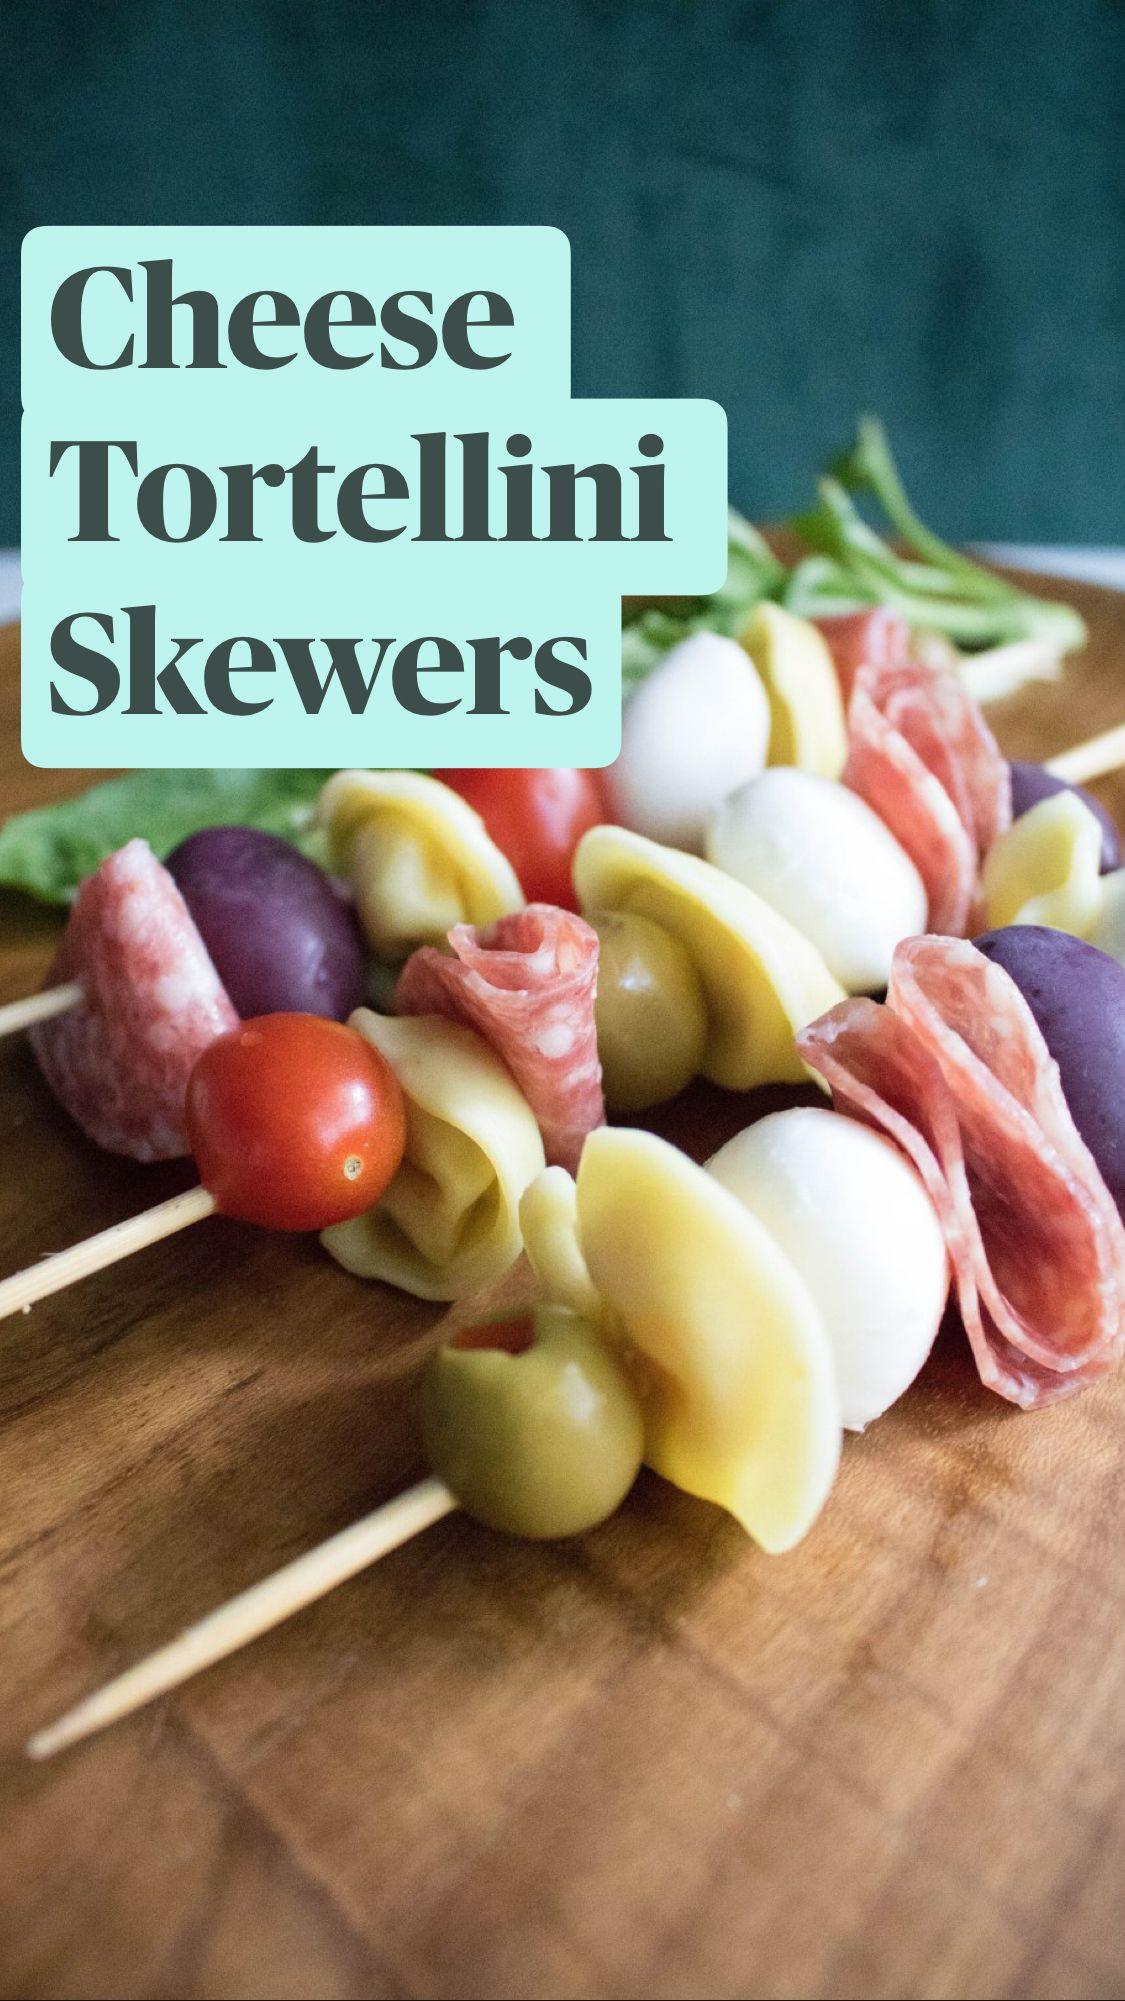 Cheese Tortellini Skewers